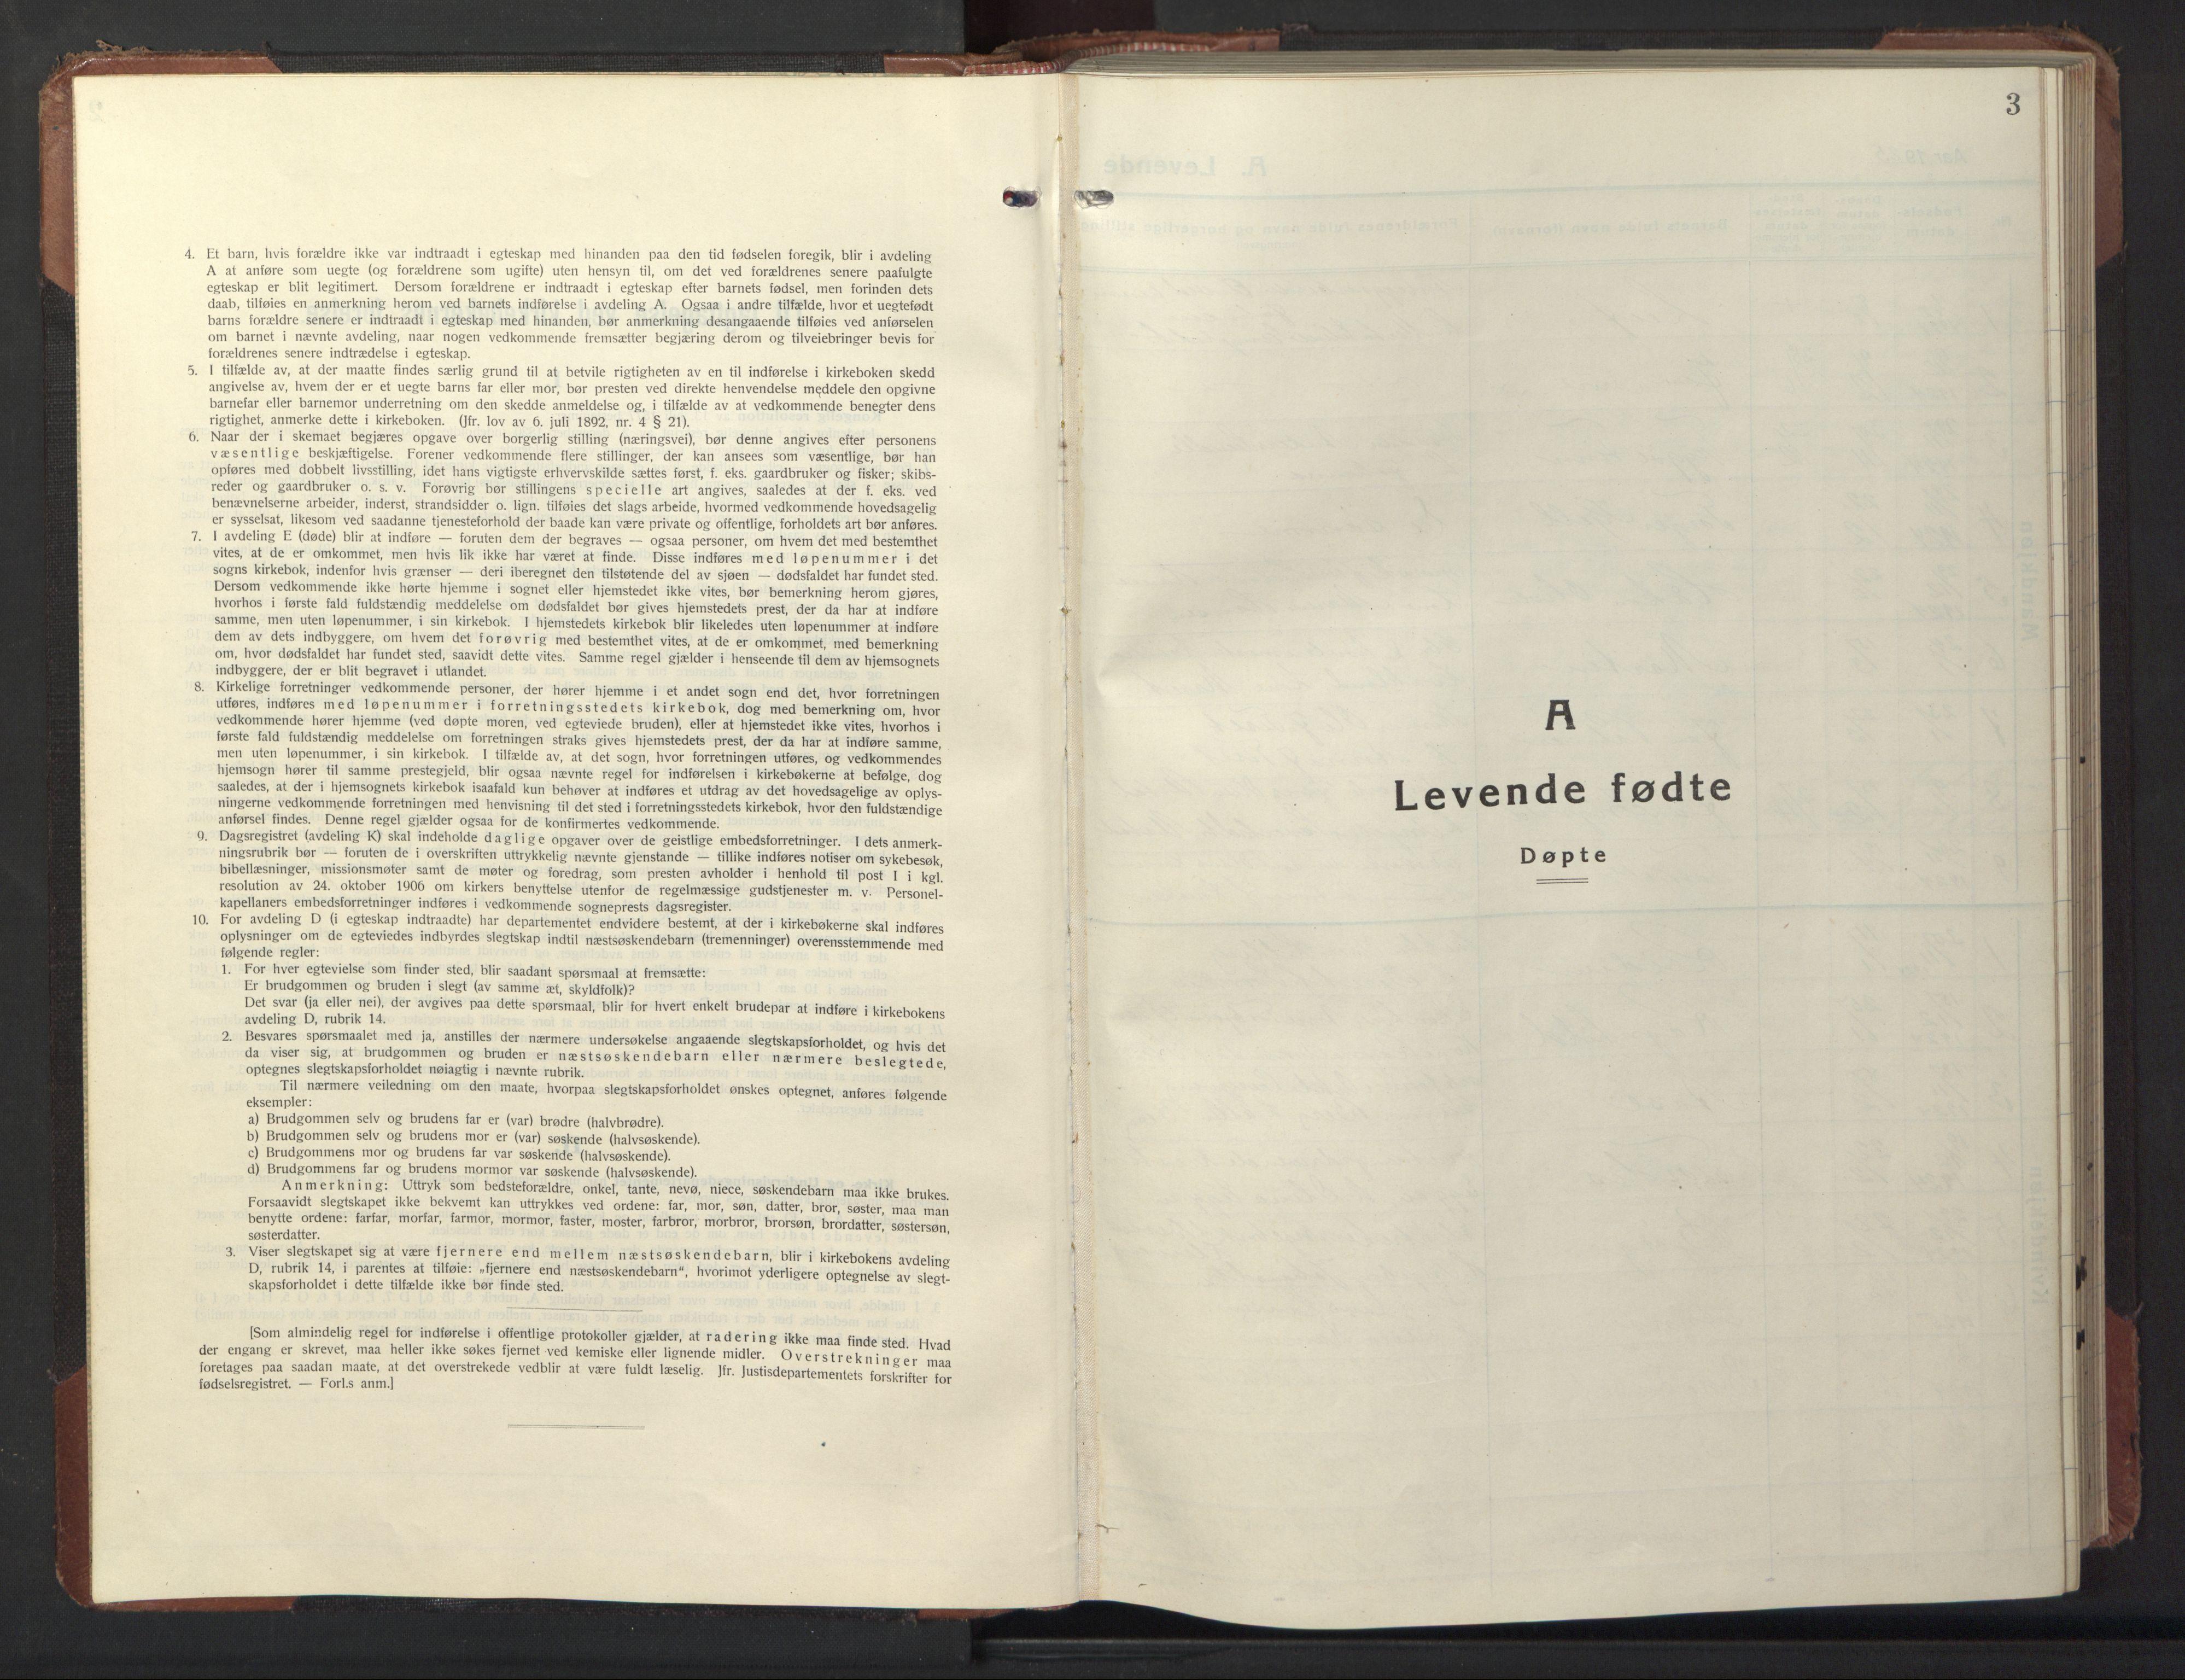 SAT, Ministerialprotokoller, klokkerbøker og fødselsregistre - Sør-Trøndelag, 669/L0832: Klokkerbok nr. 669C02, 1925-1953, s. 3